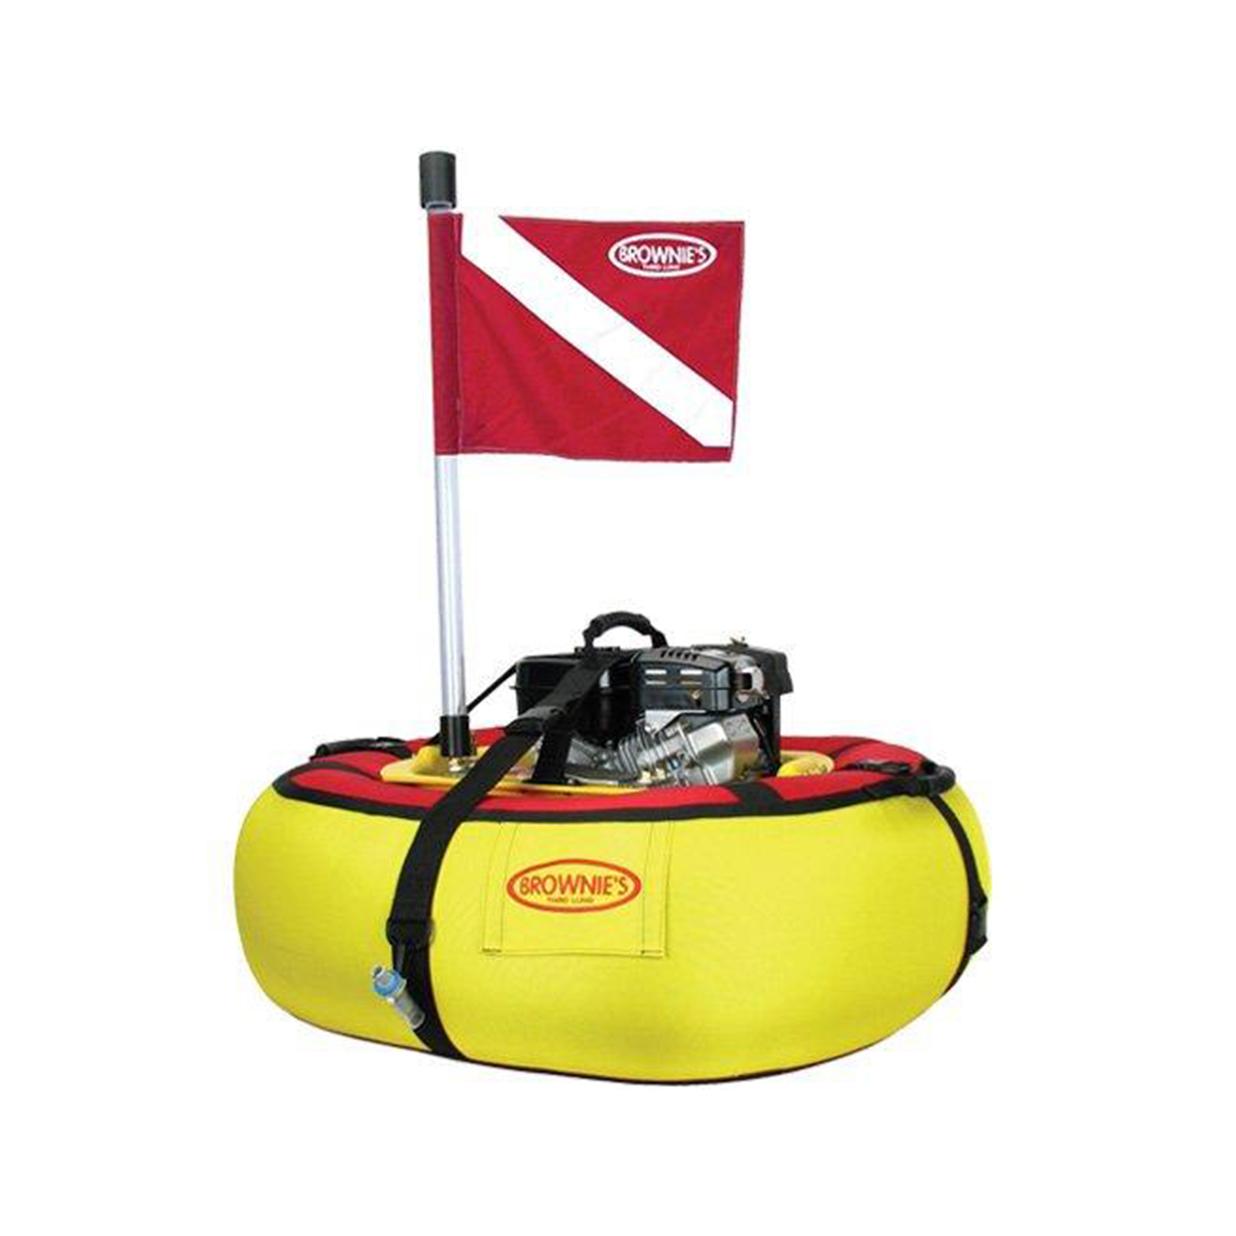 Brownie's Explorer Tankless Hookah Diving System